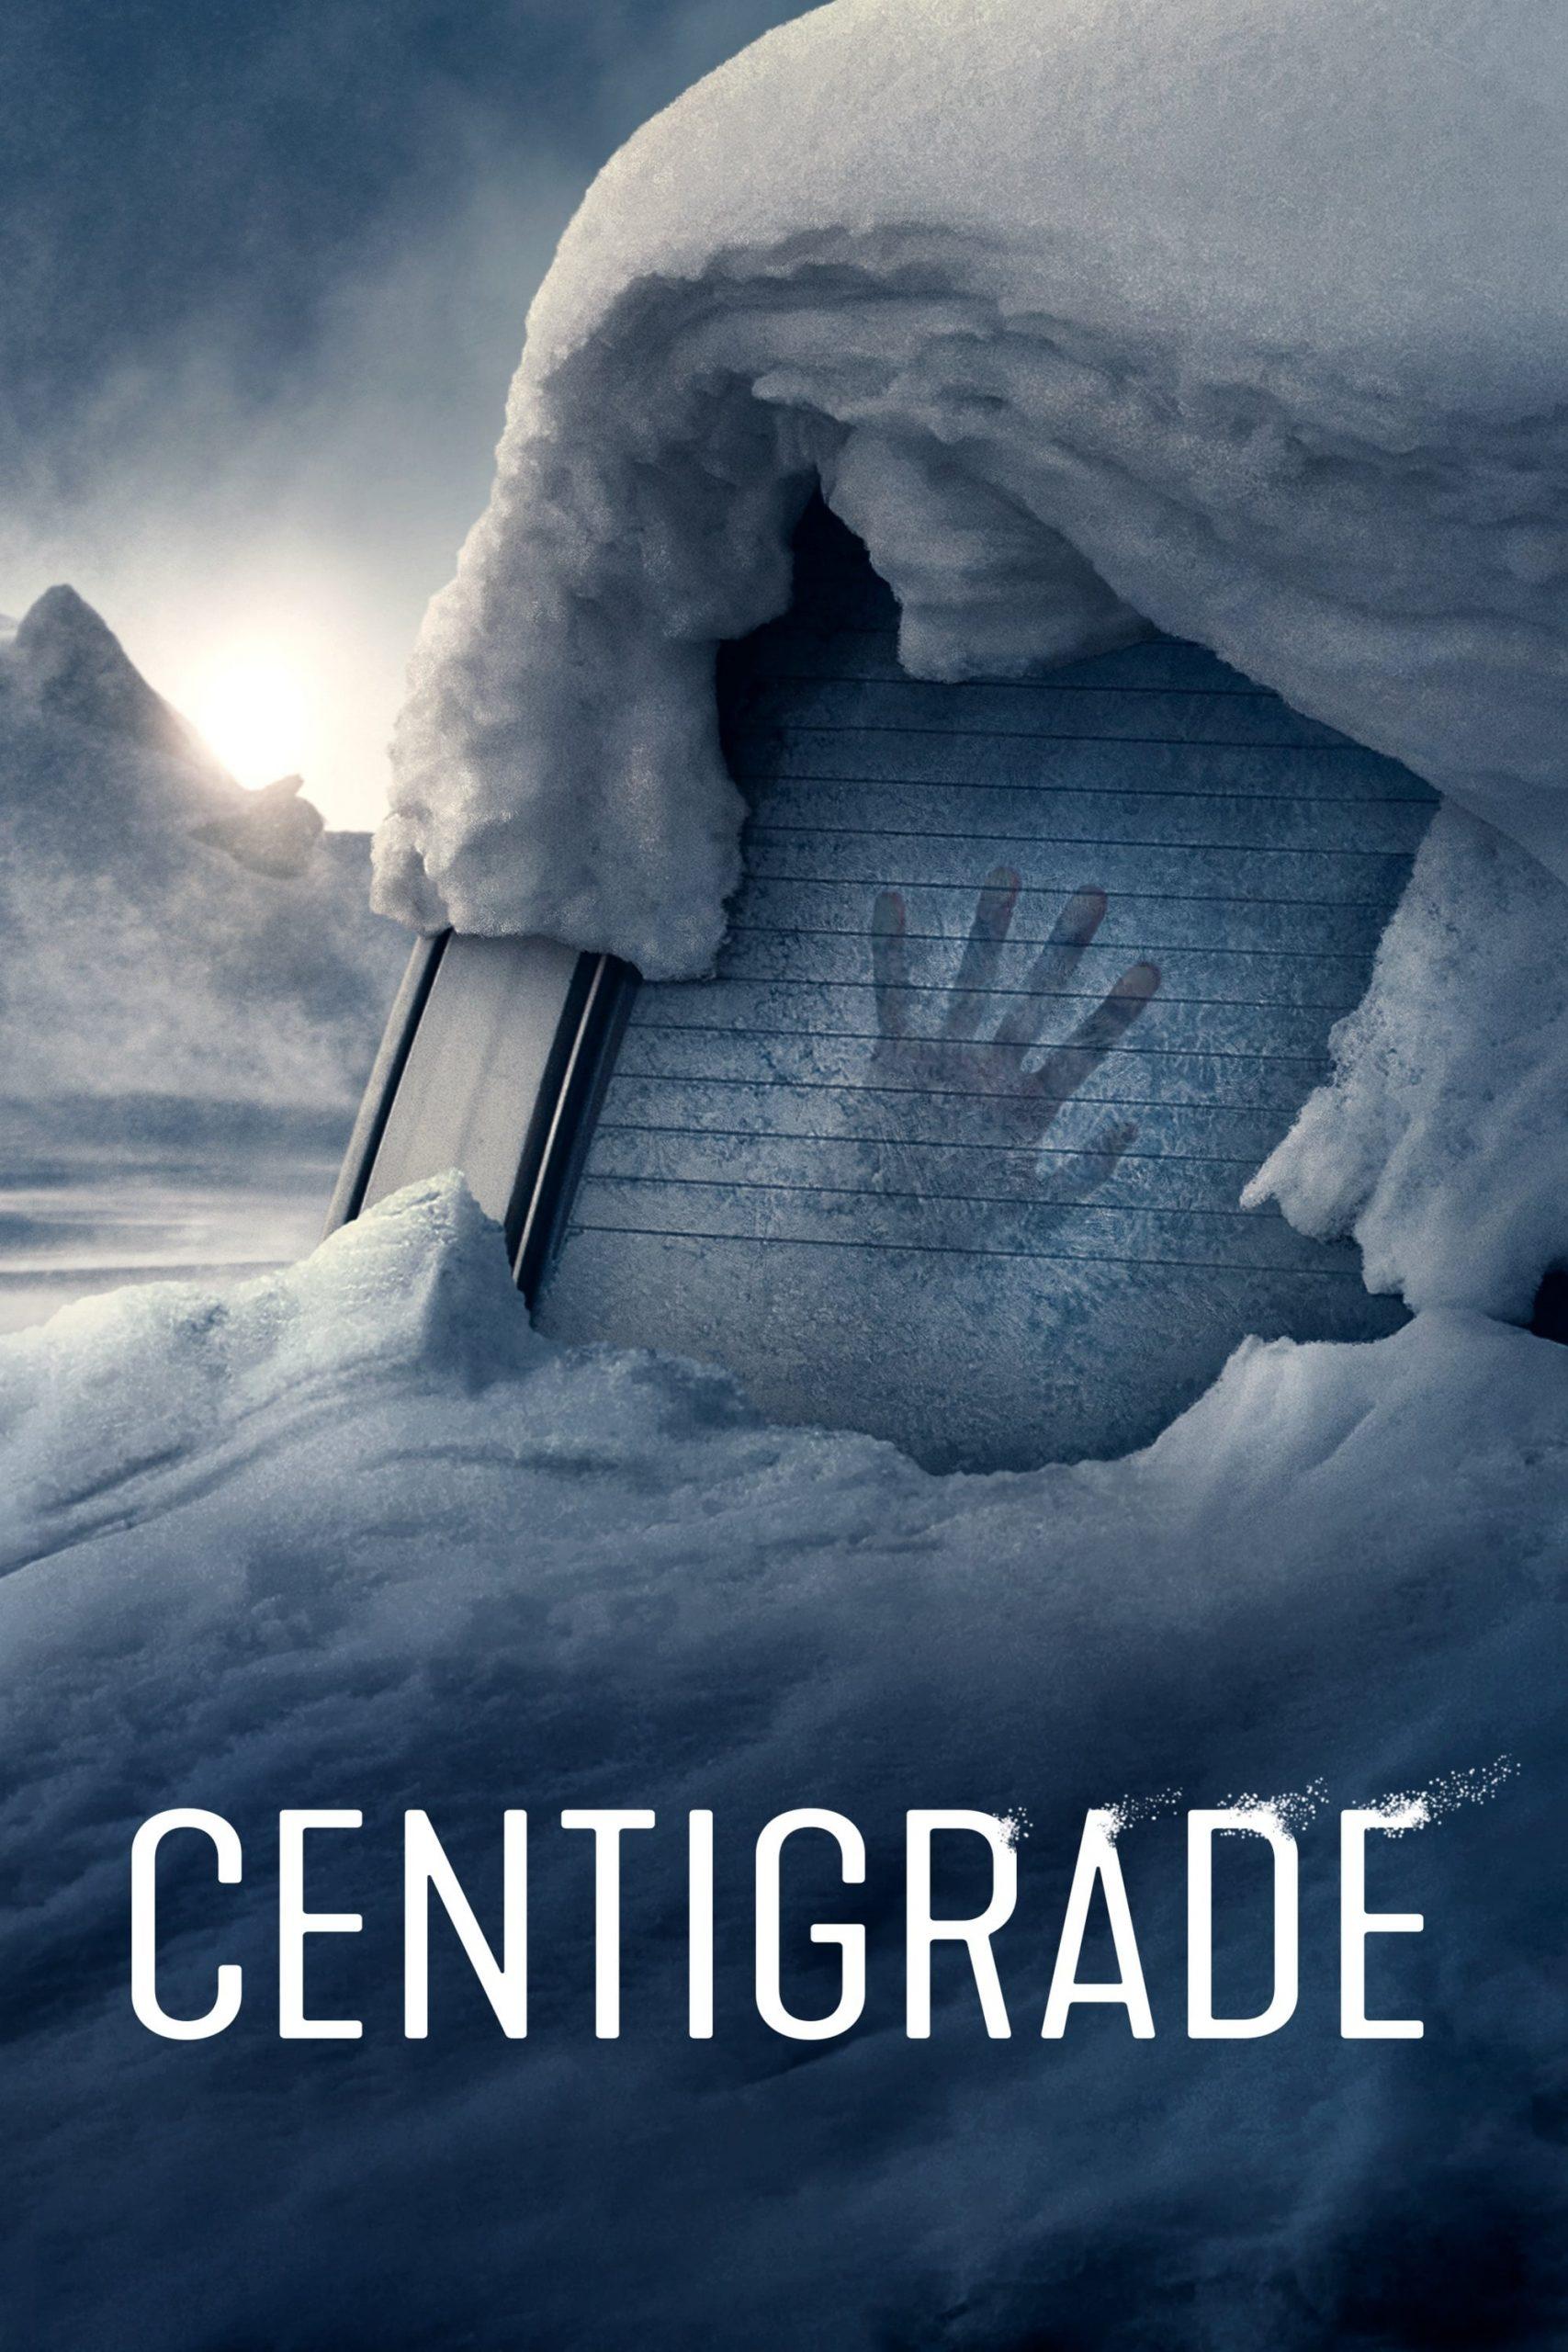 دانلود فیلمCentigrade 2020 با دوبله فارسی